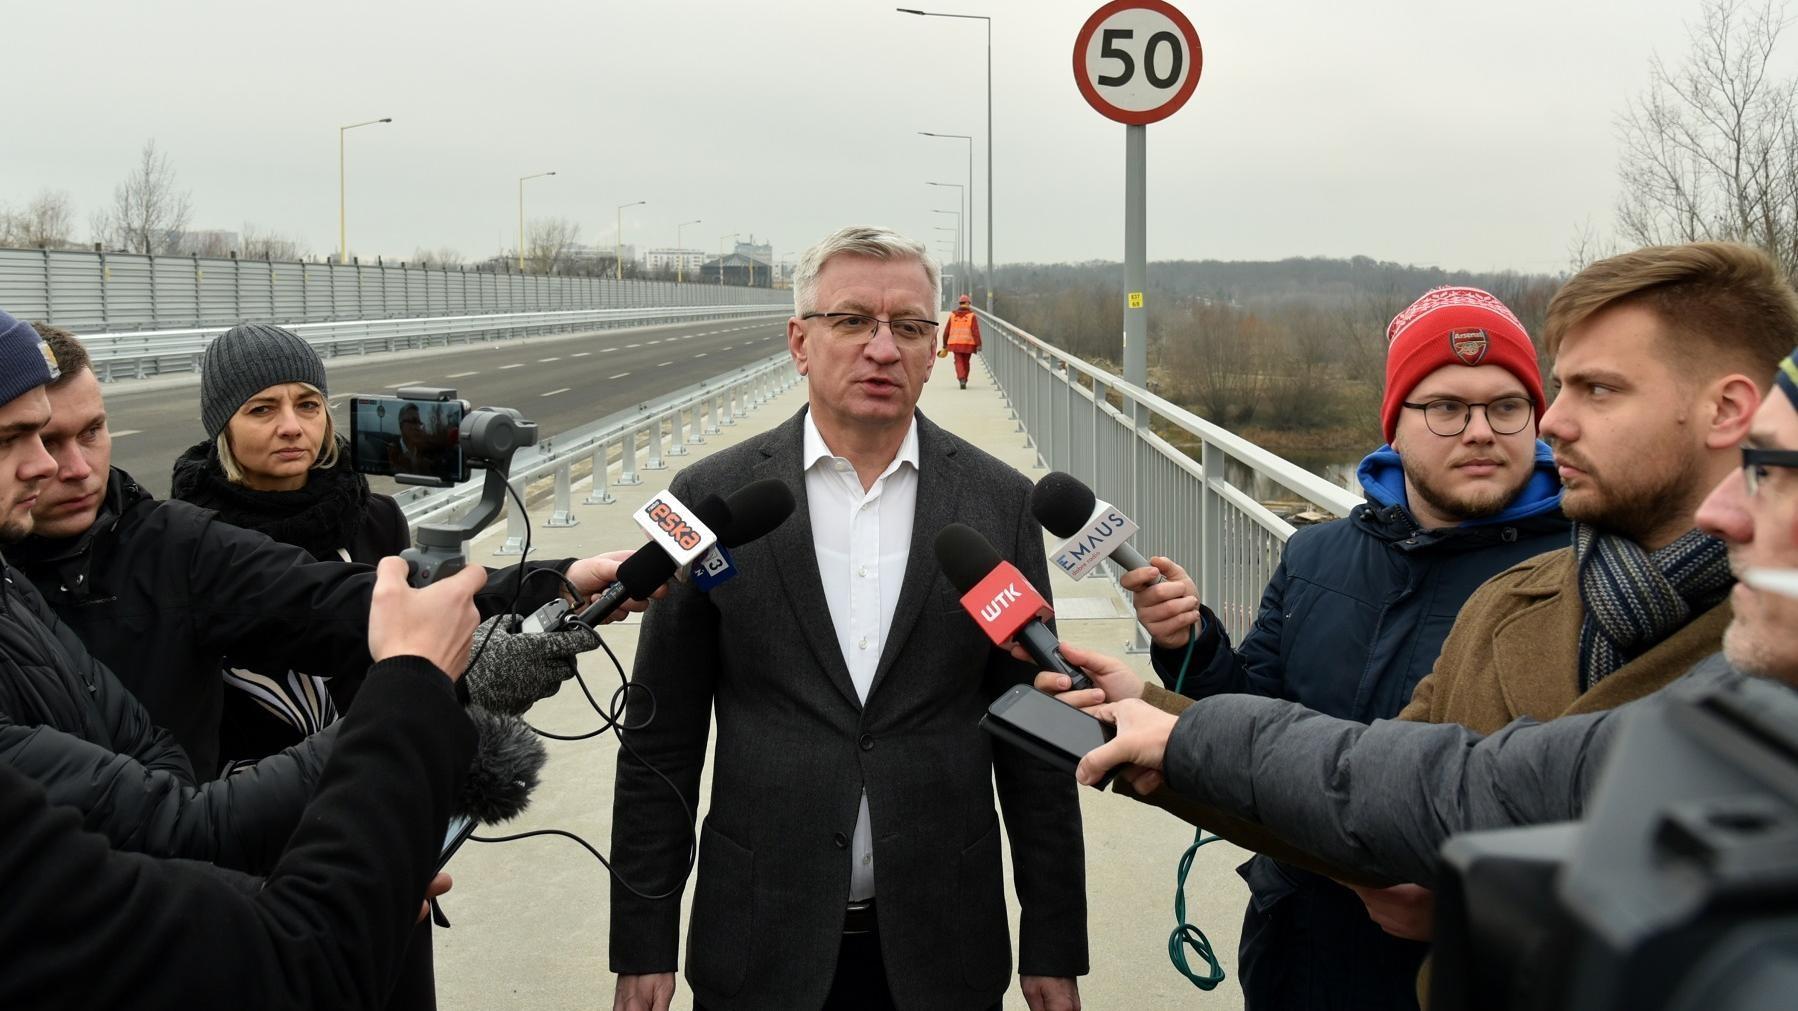 Jaśkowiak na moscie - Urząd Miasta Poznania